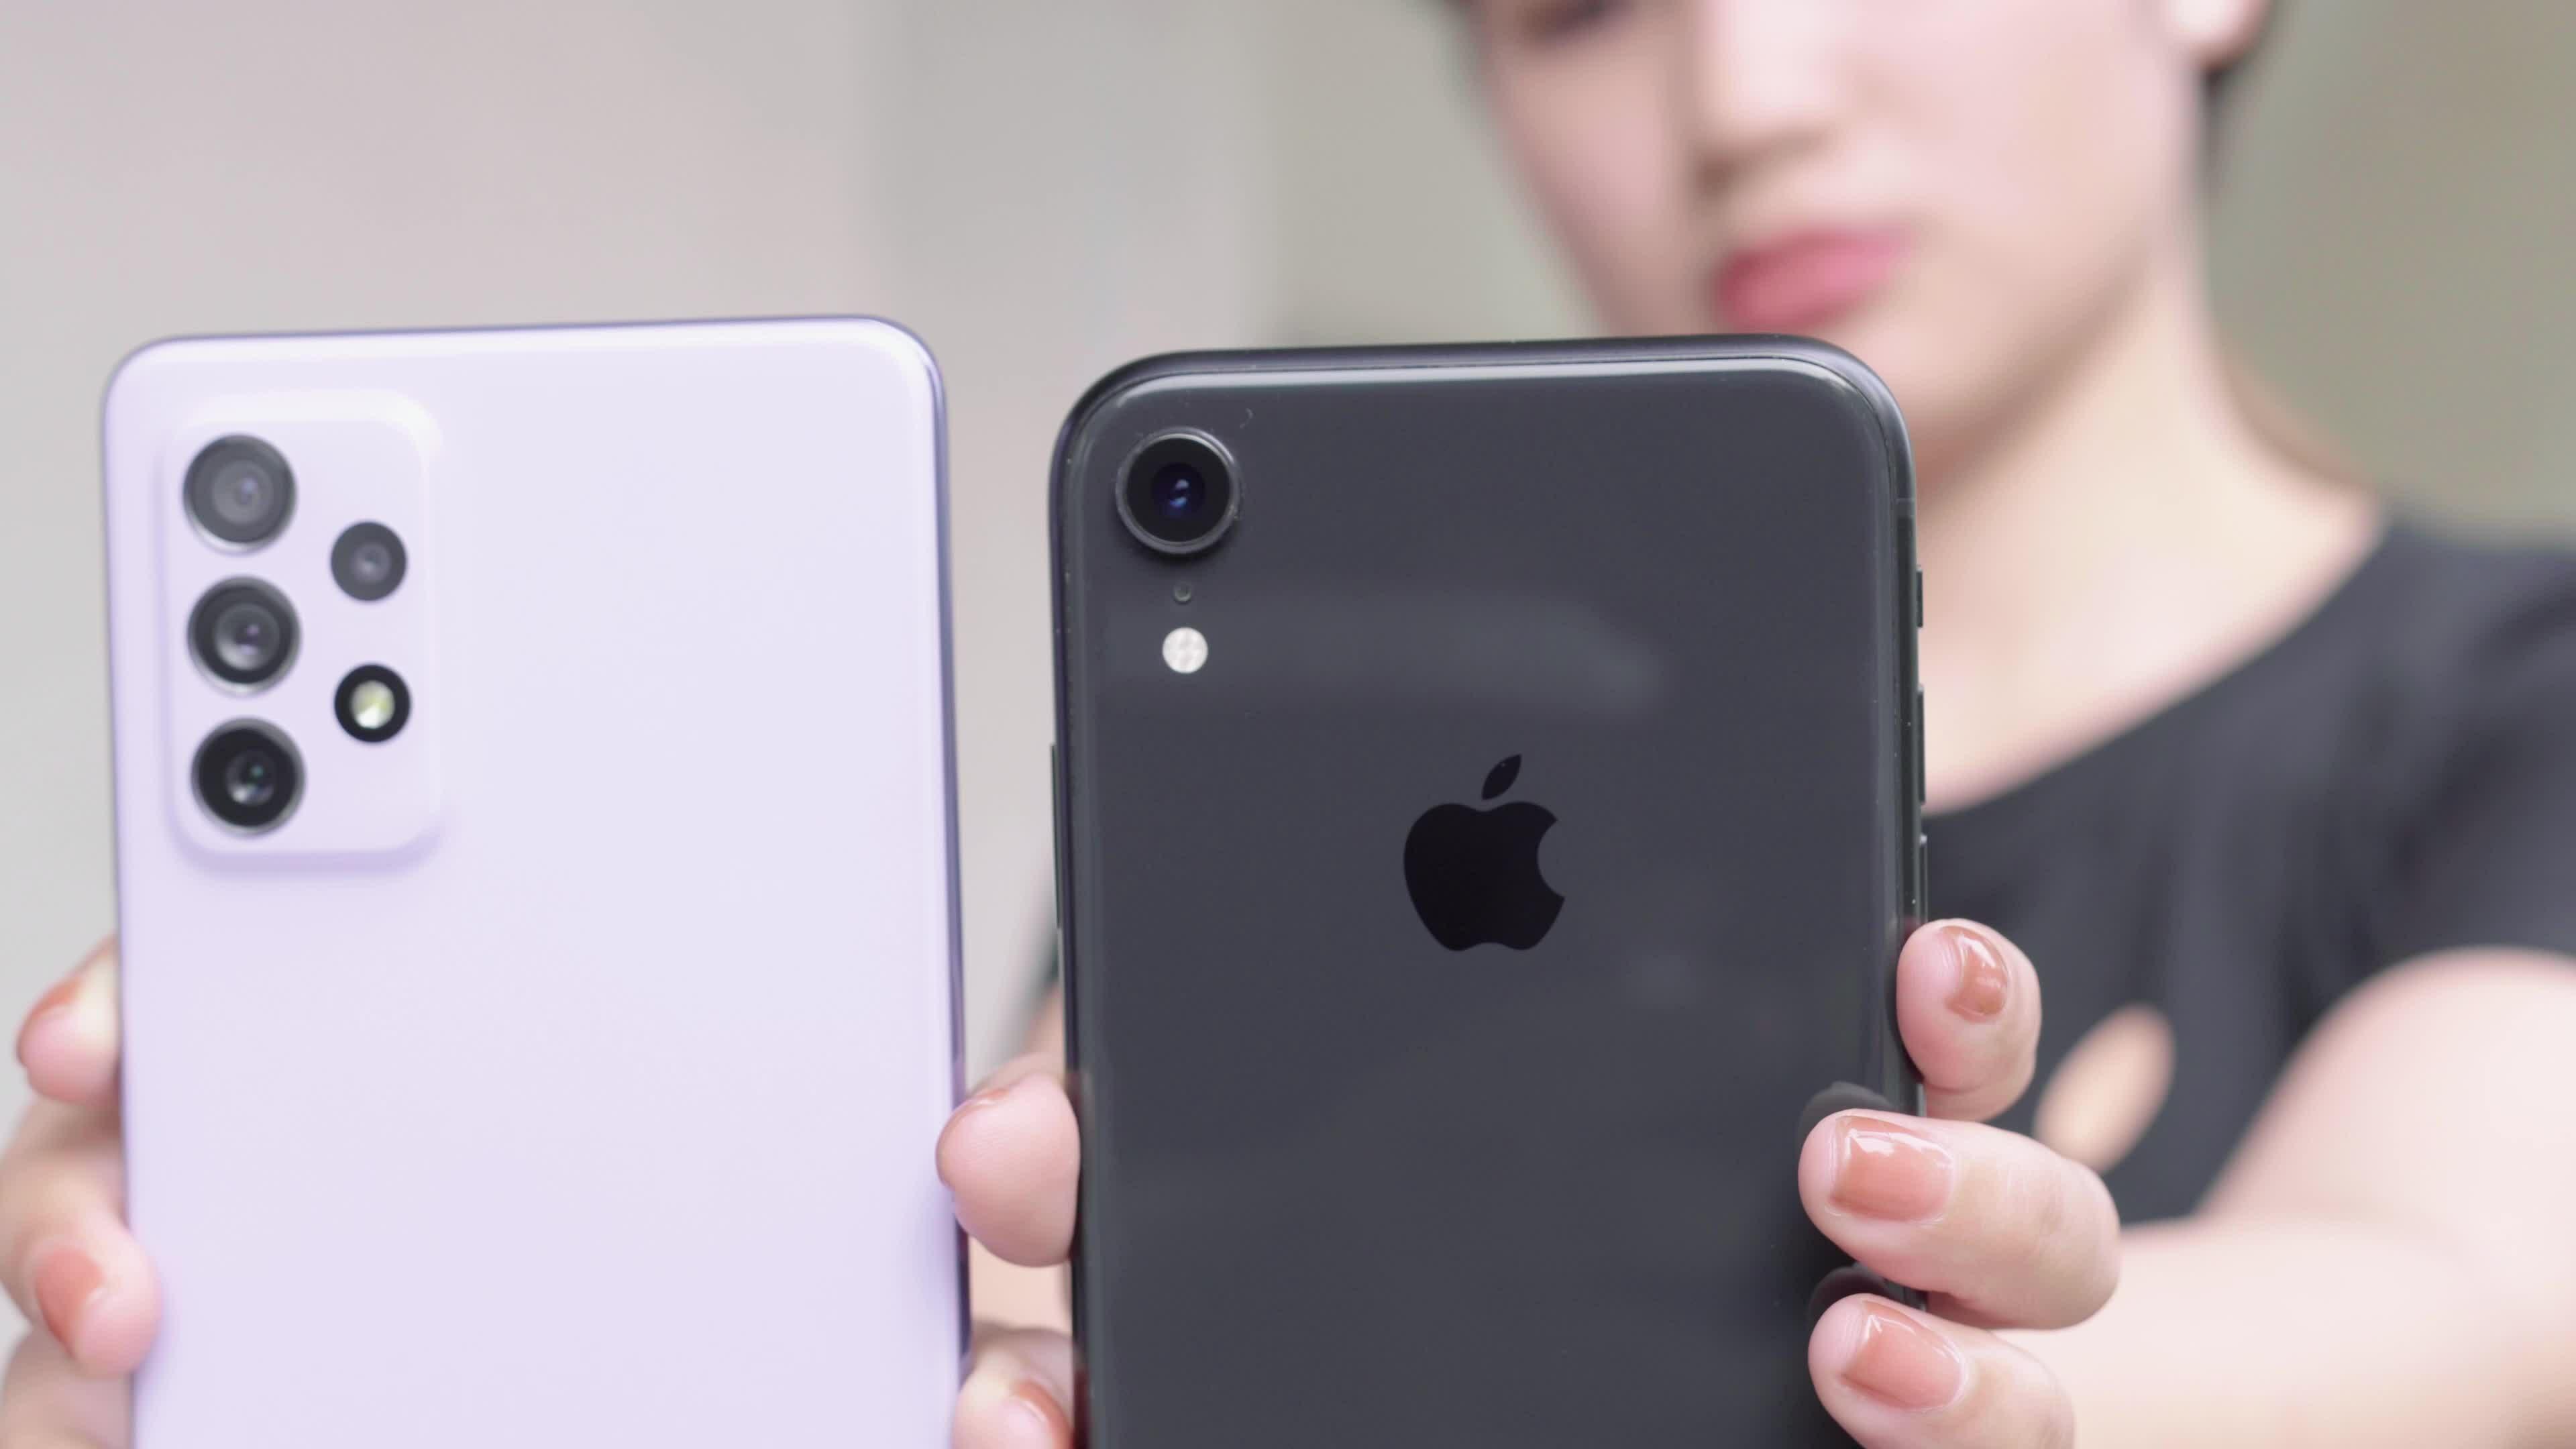 So sánh Samsung Galaxy A72 và iPhone XR